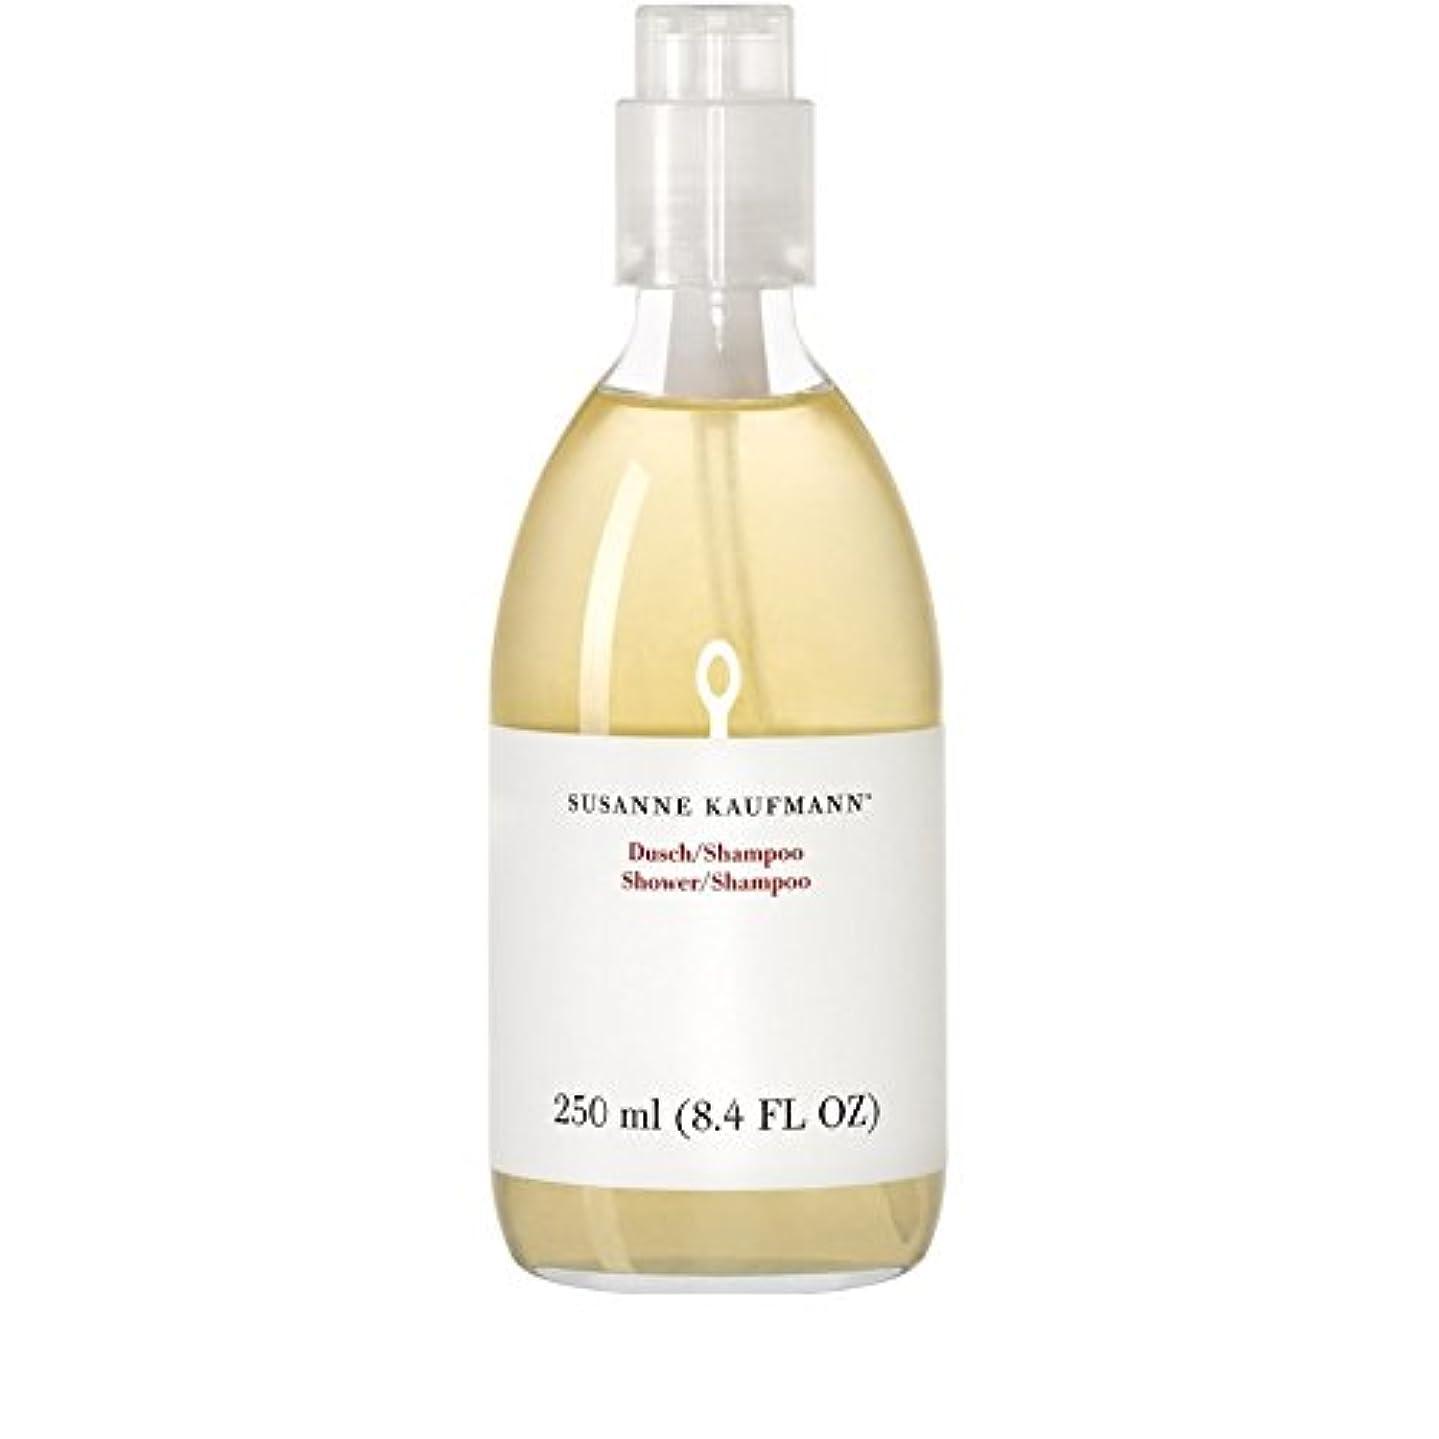 シード開いたカプラースザンヌカウフマンシャワー/シャンプー250 x2 - Susanne Kaufmann Shower/Shampoo 250ml (Pack of 2) [並行輸入品]